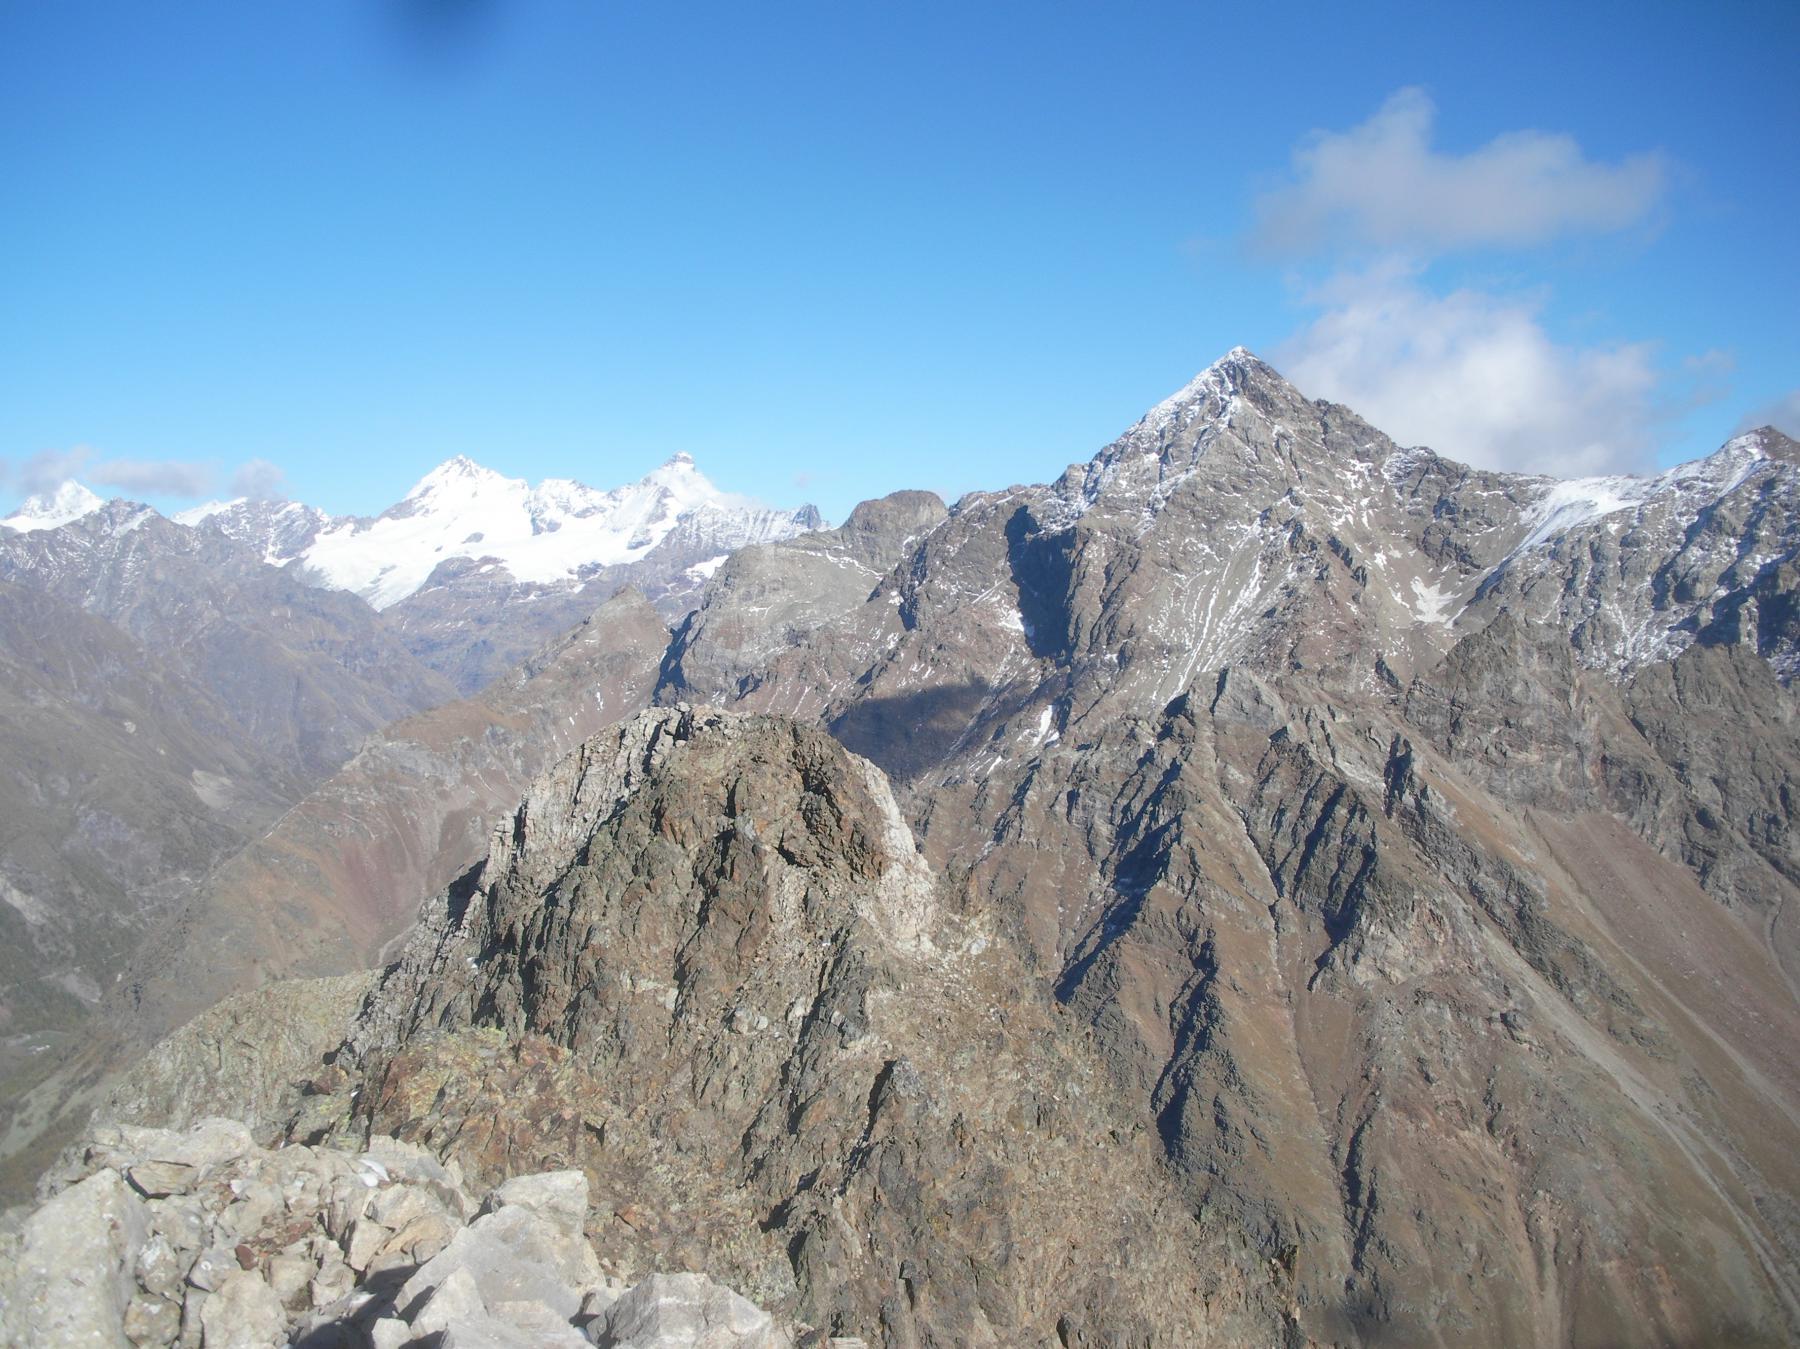 Dalla Becca d'Invergnaou centrale in primo piano la cima est subito dopo la Luseney e al fondo il Dent d'Herens..